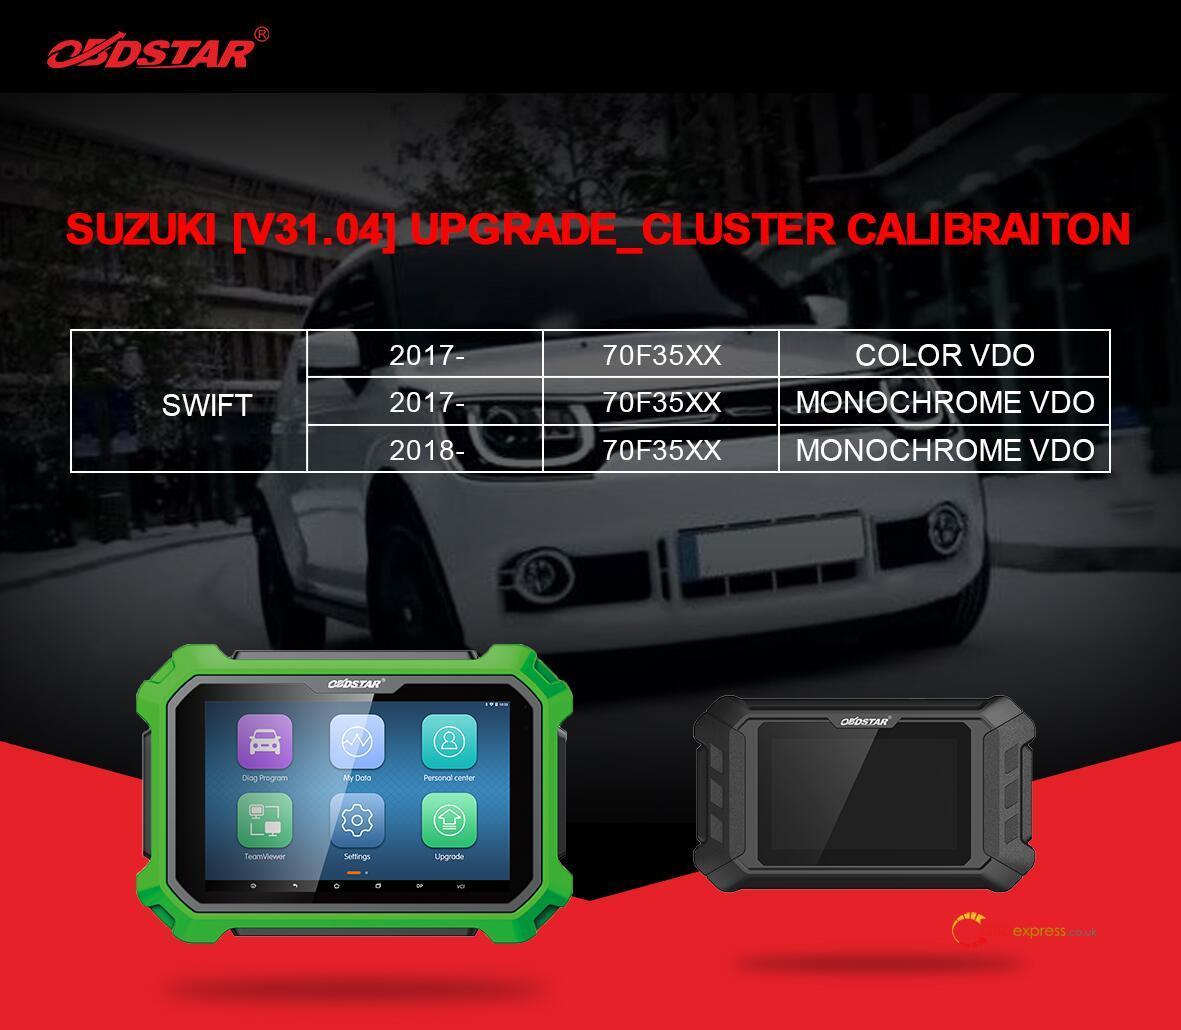 obdstar suzuki swift mileage programming 01 - OBDSTAR Suzuki Swift mileage programming via OBD - OBDSTAR Suzuki Swift mileage programming via OBD